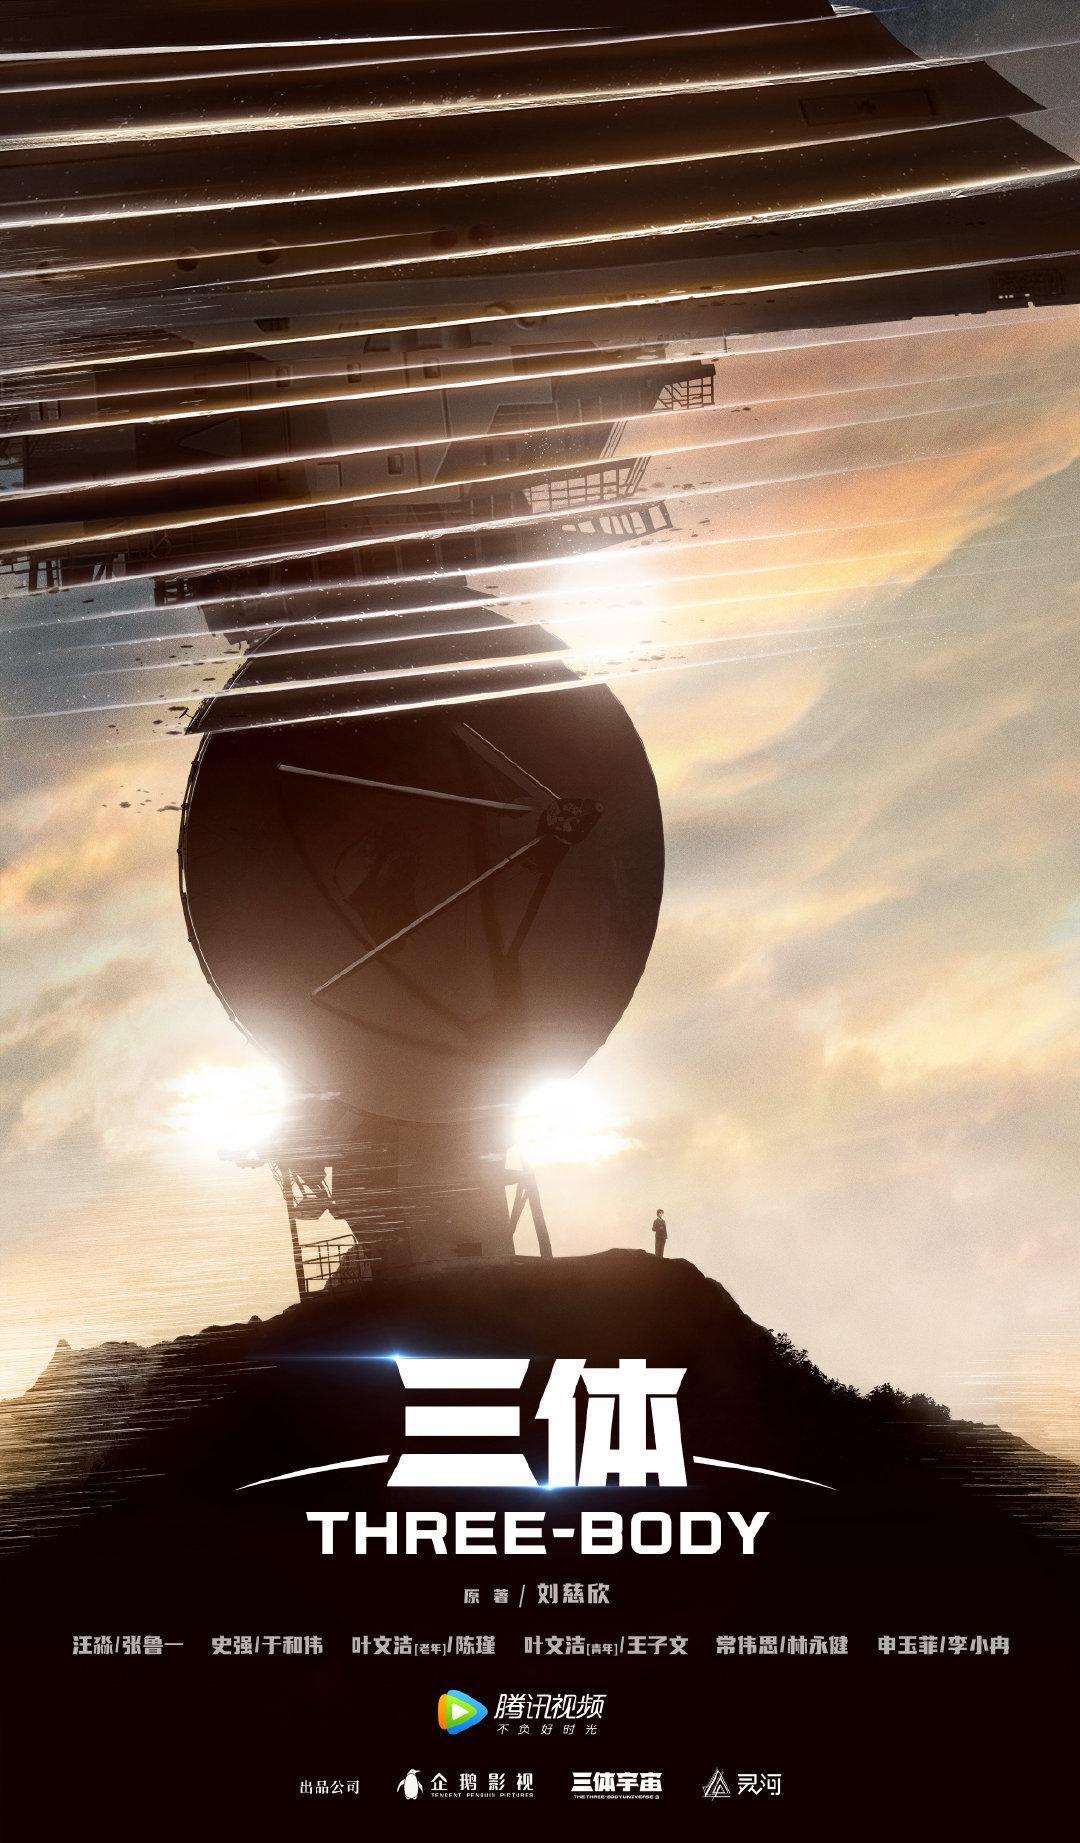 《三体》剧版海报